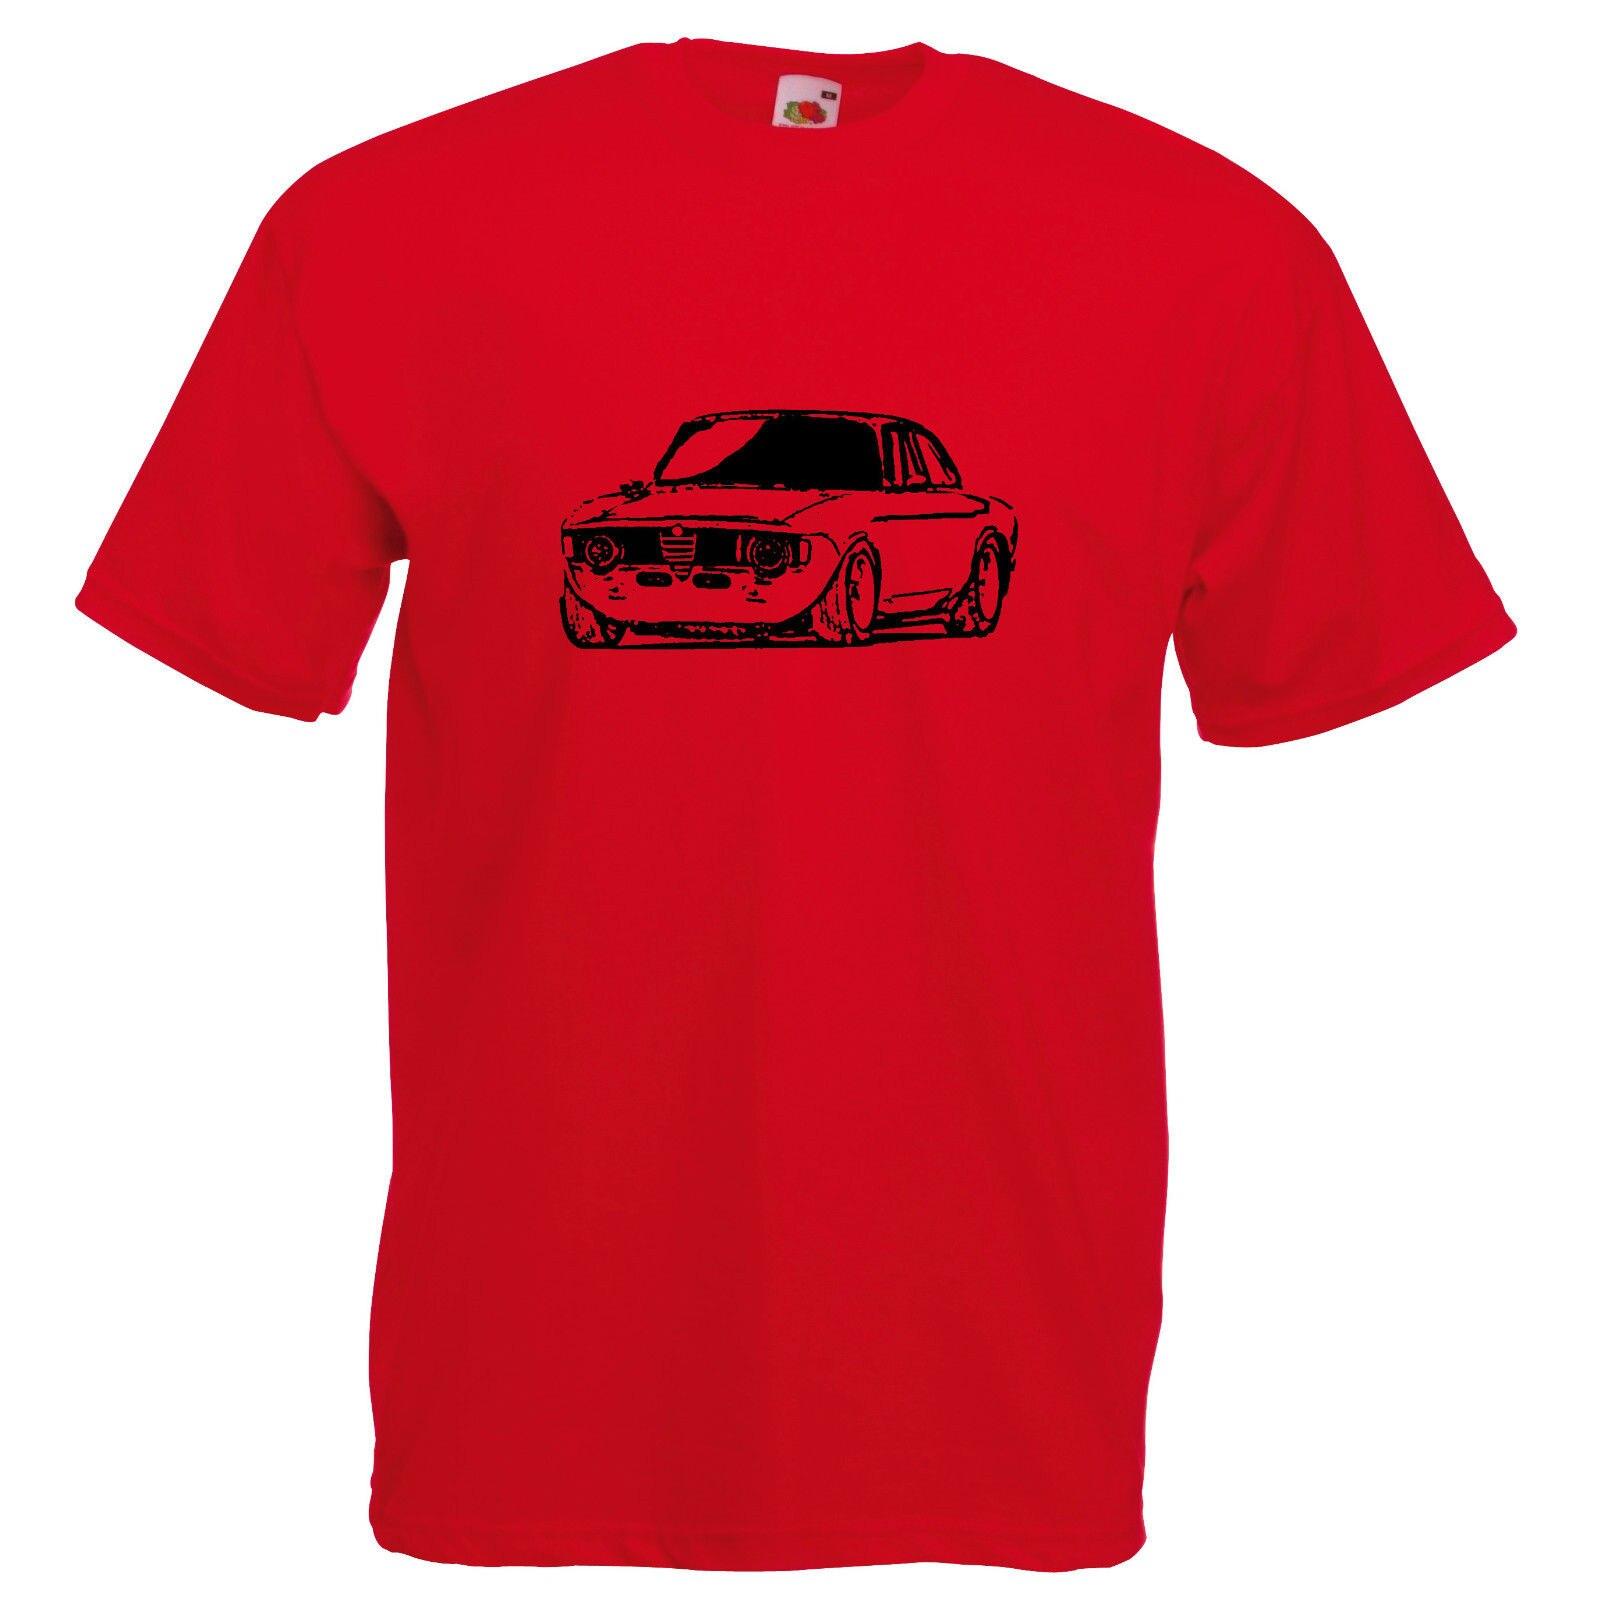 Camisetas de alta calidad para hombres, camiseta italiana de coche Romeo Bertone GTV Race GT regalo Retro Dad Car Giulia Sprint 105, Camiseta con cuello redondo